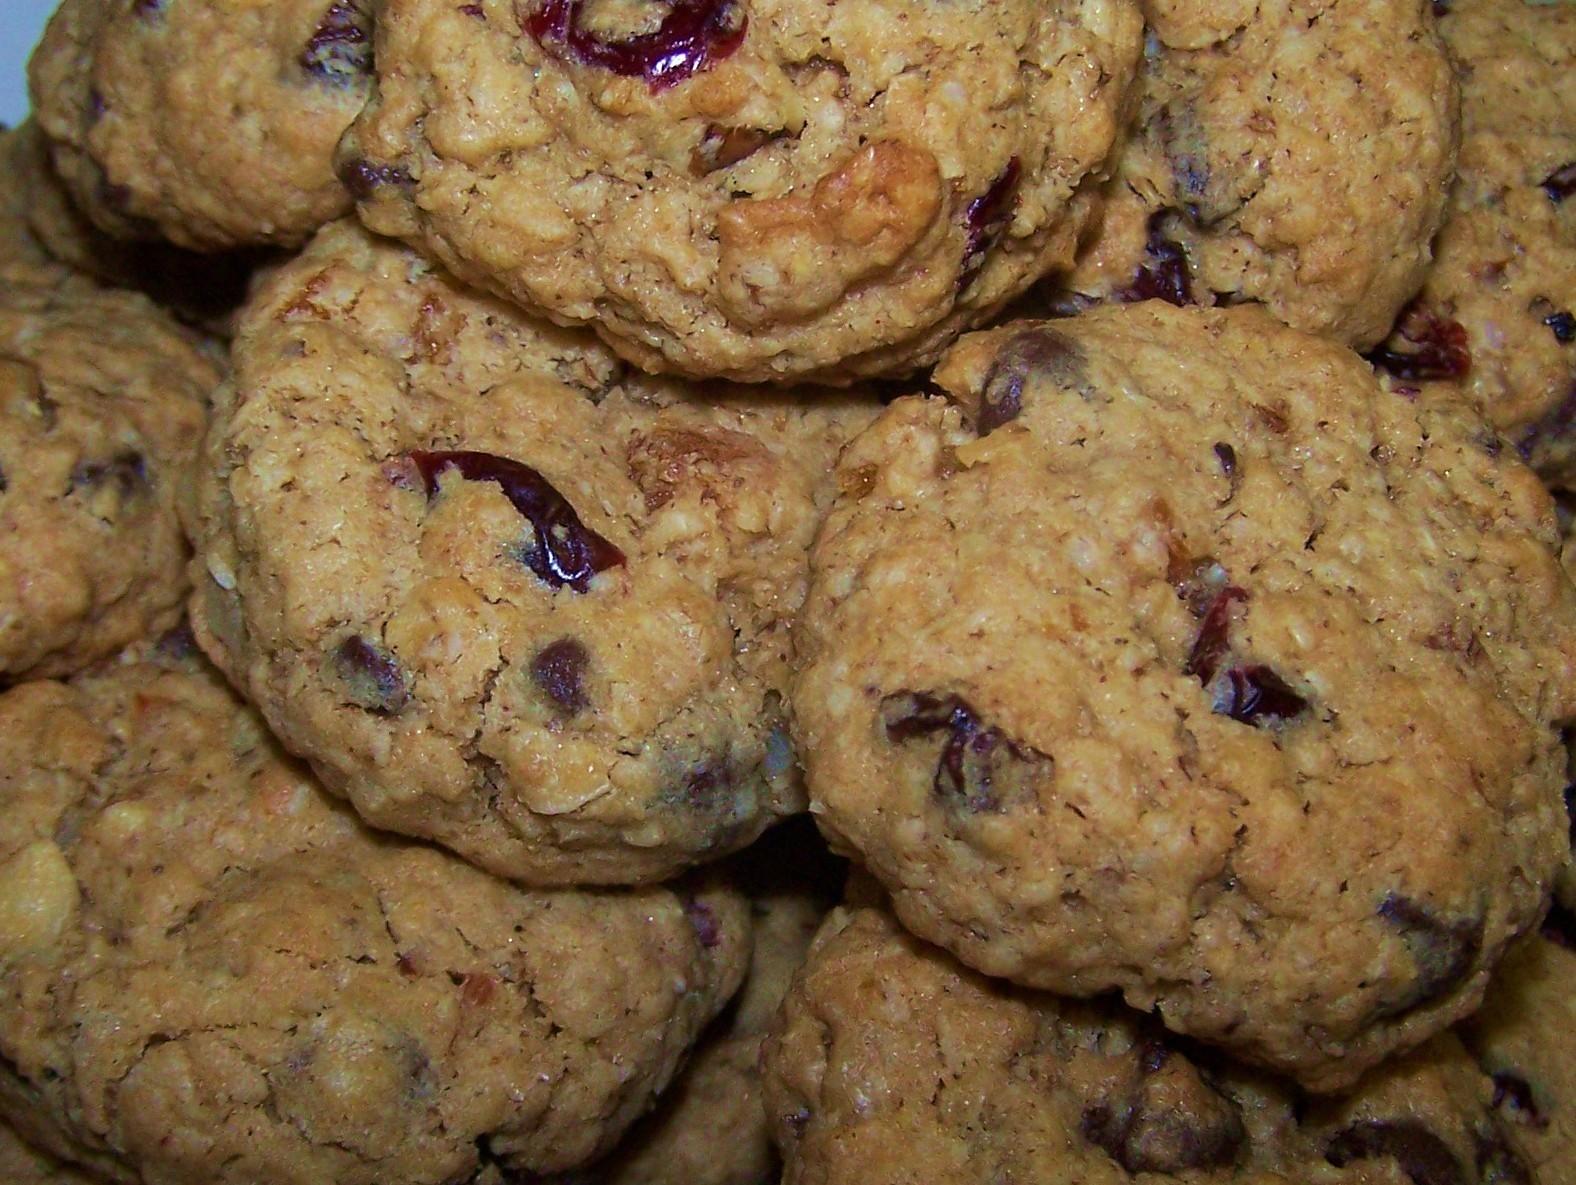 EZ Gluten Free: Loaded Oatmeal Breakfast Cookies